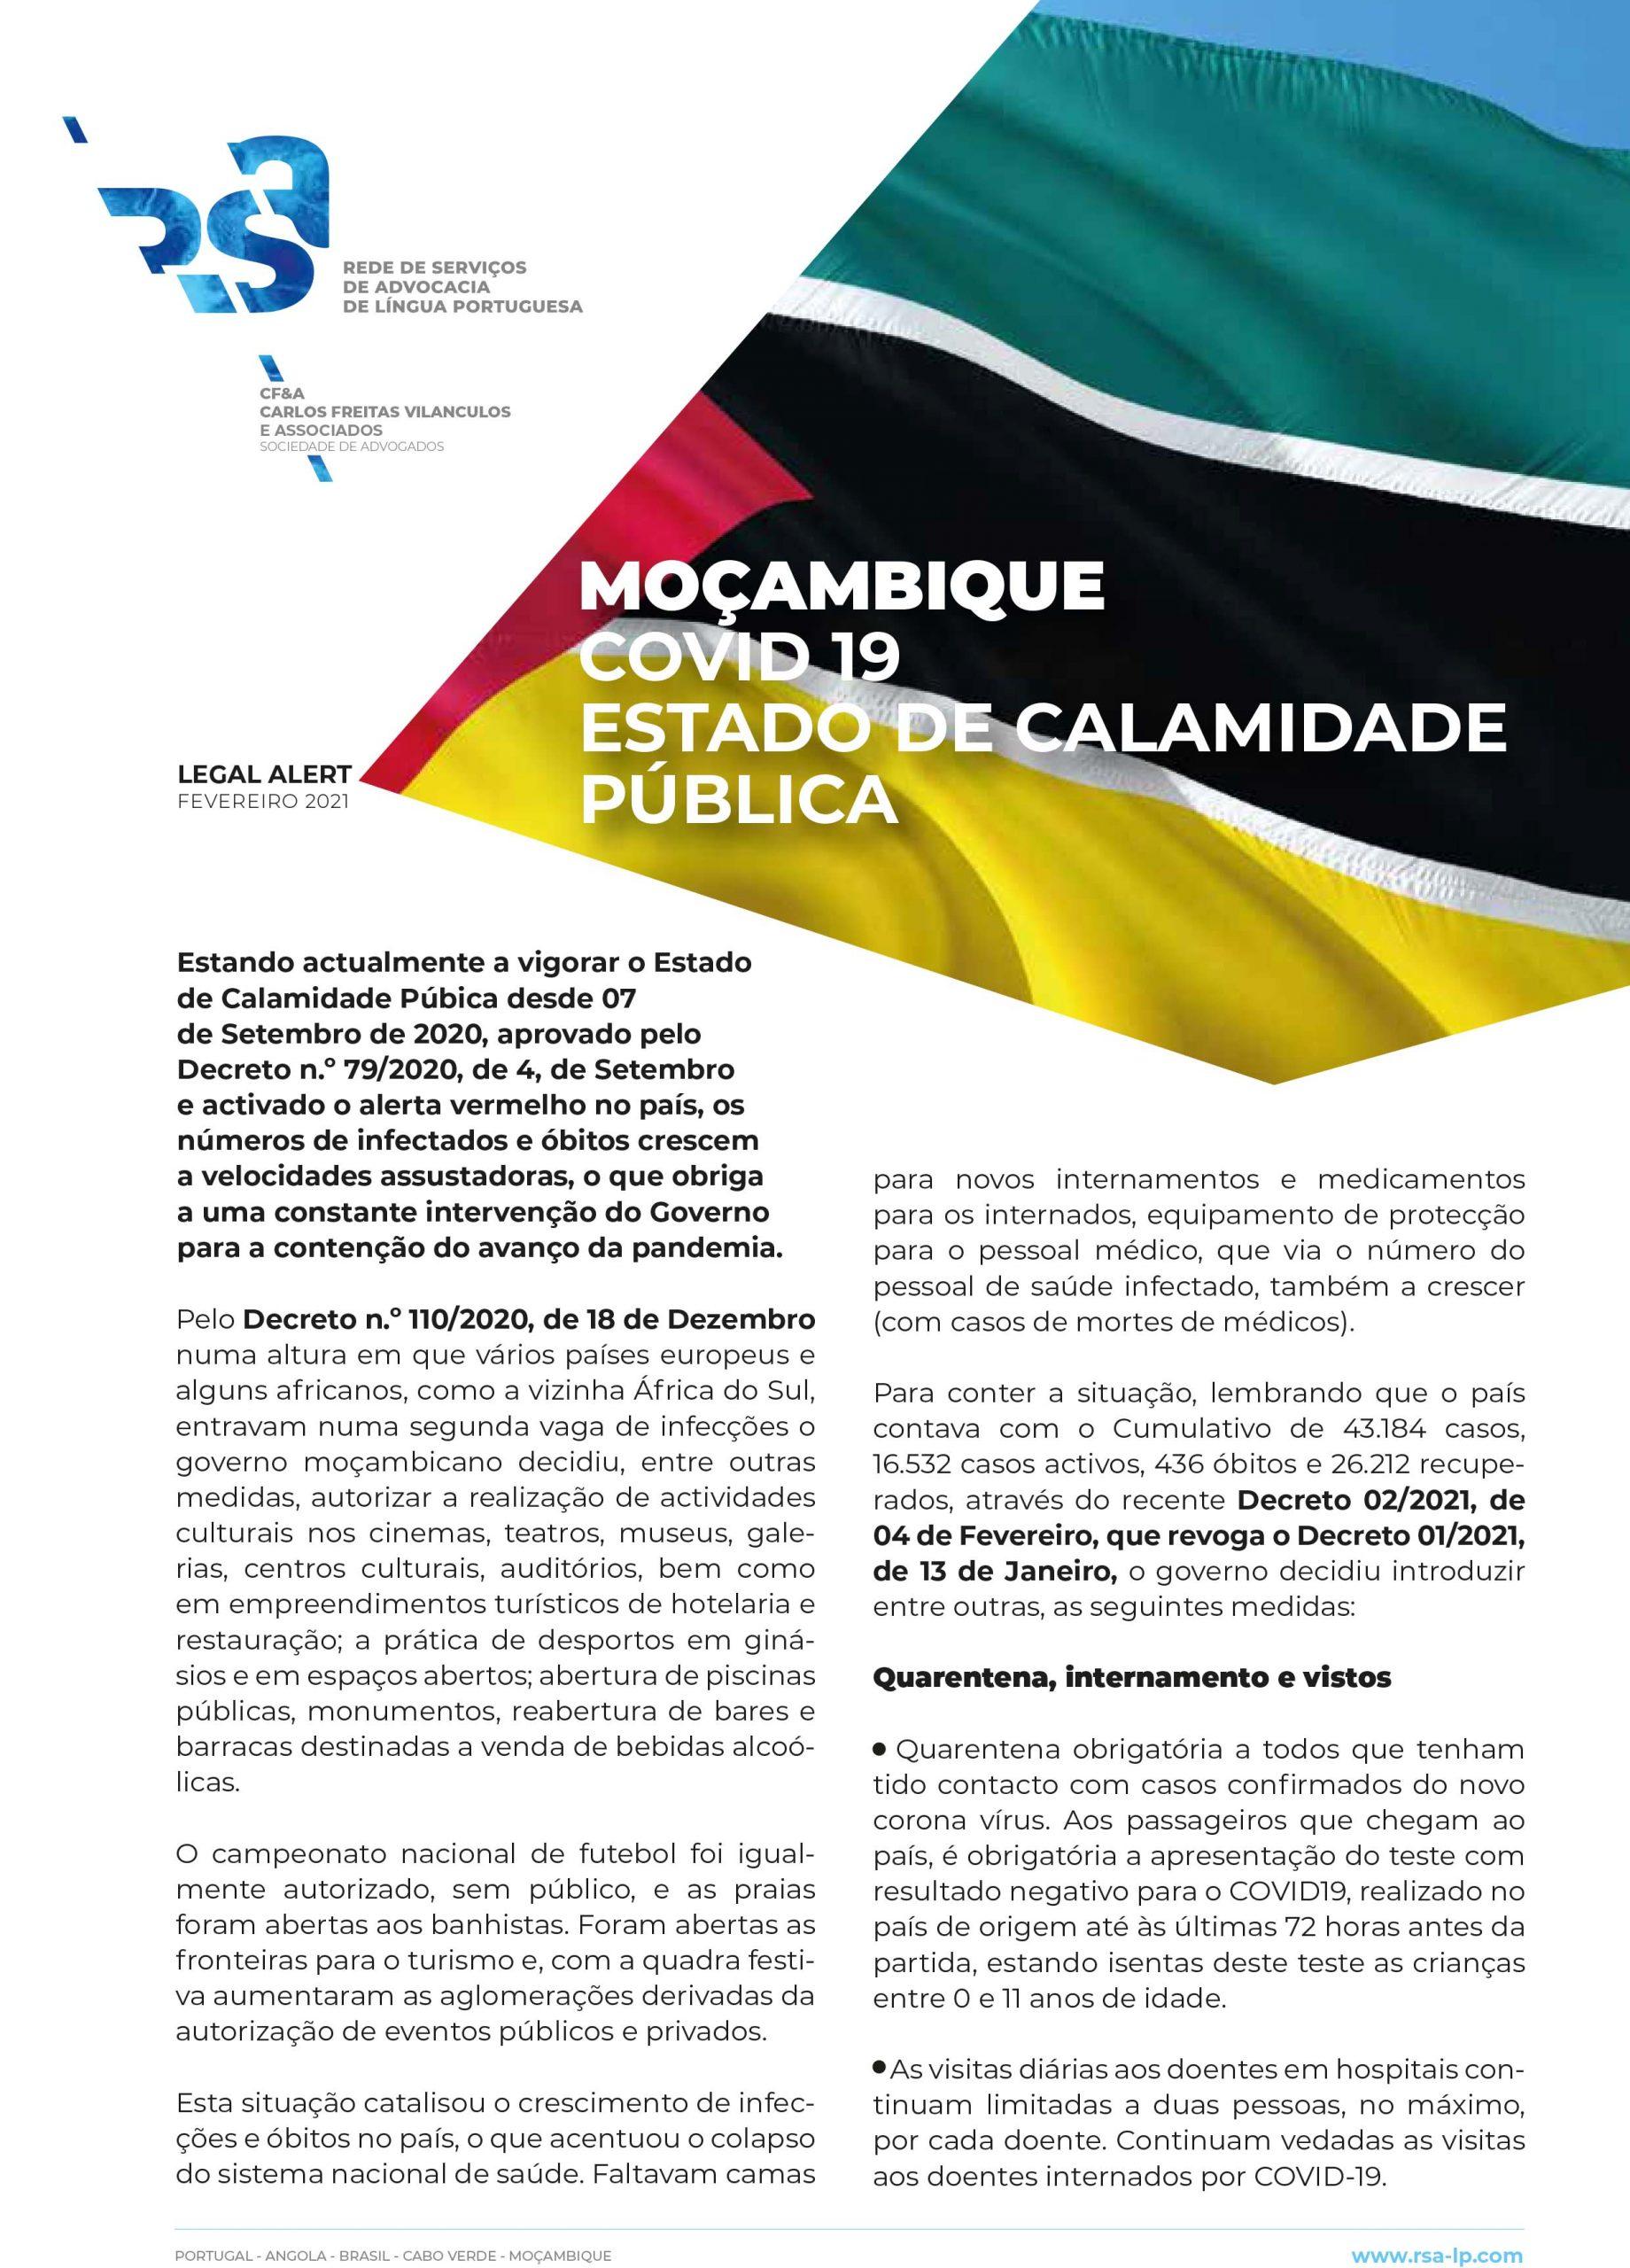 Legal Alert Moçambique